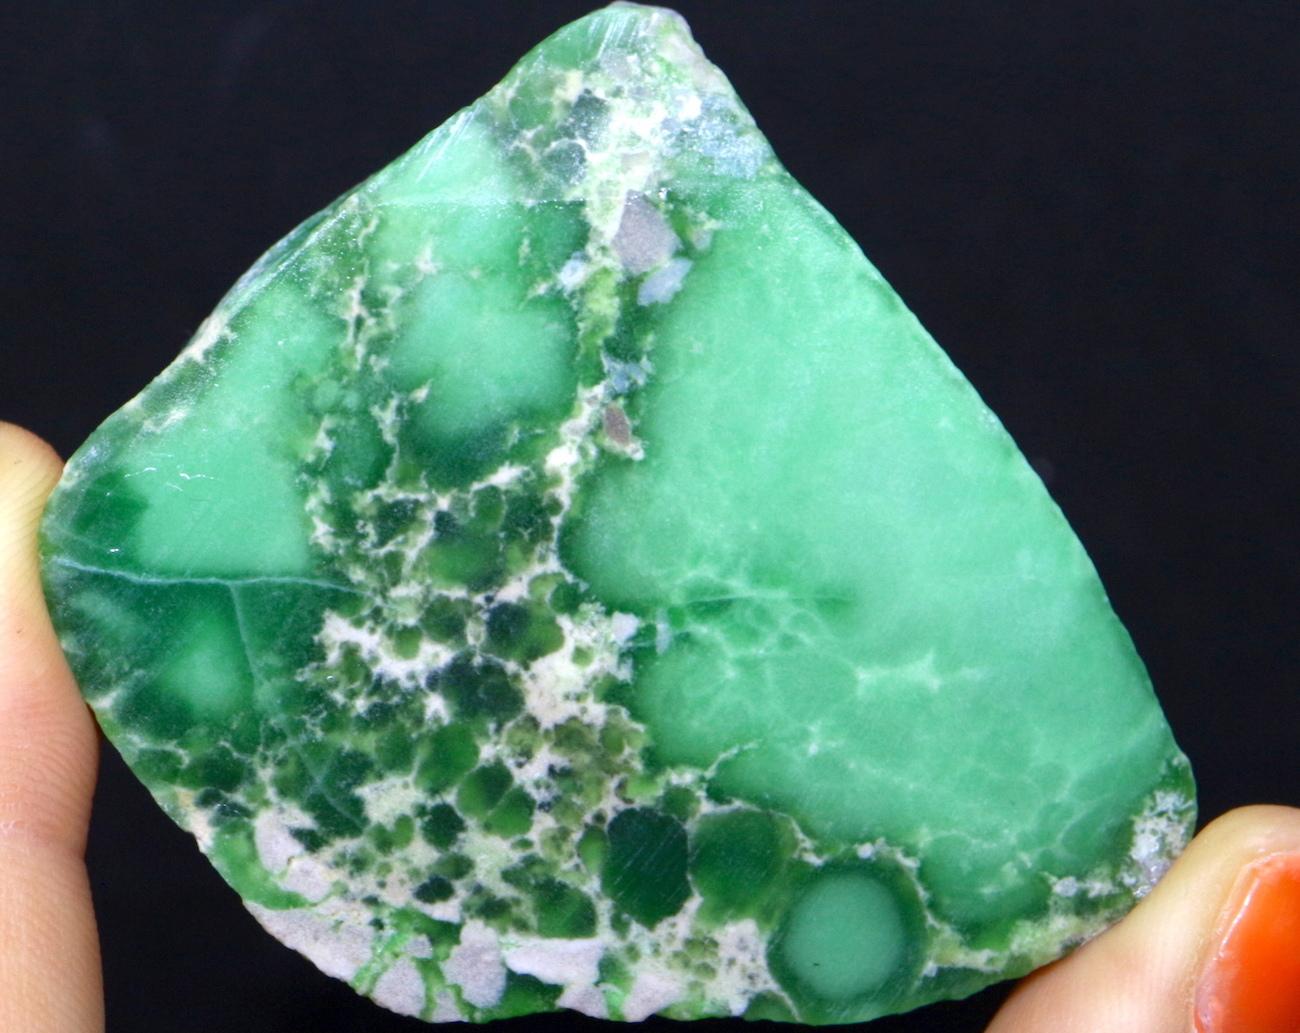 バリサイト Variscite ユタ州産 37,3g 原石 VRS005 天然石 パワーストーン